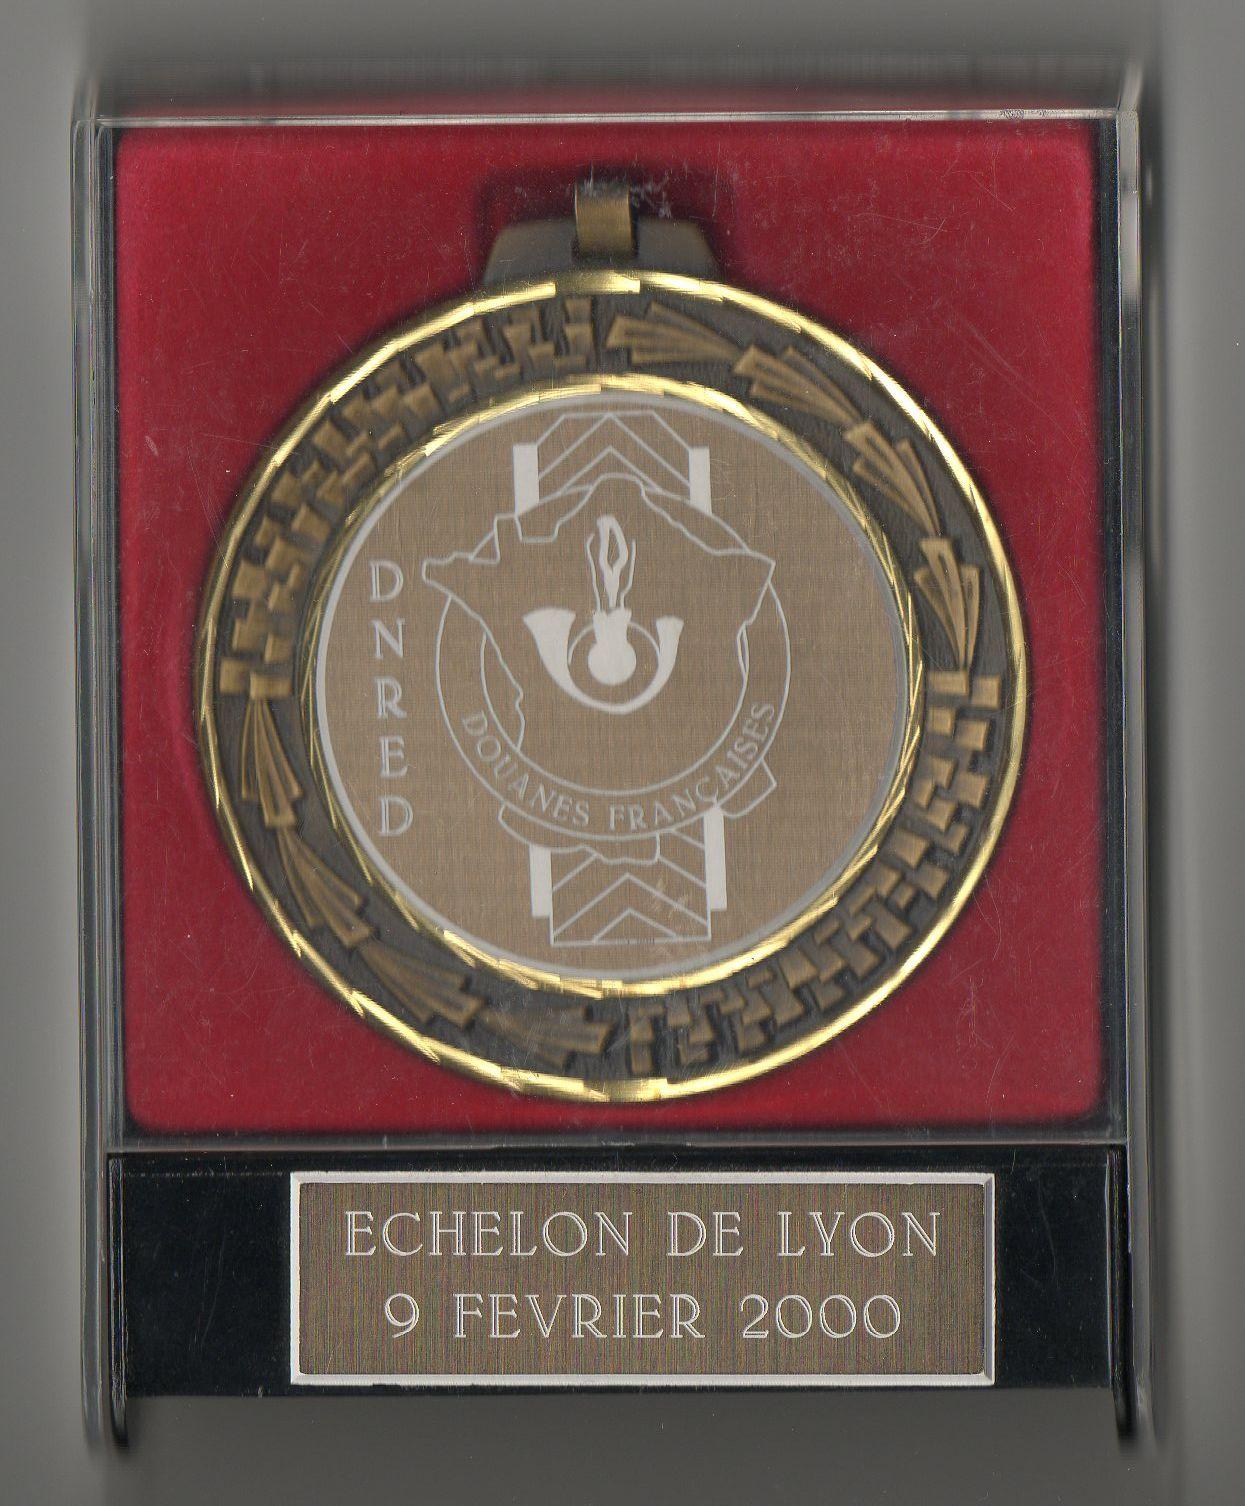 https://i1.wp.com/douanesinsignes.chez-alice.fr/medaille%20avec%20boite%20dnred%20lyon.jpg